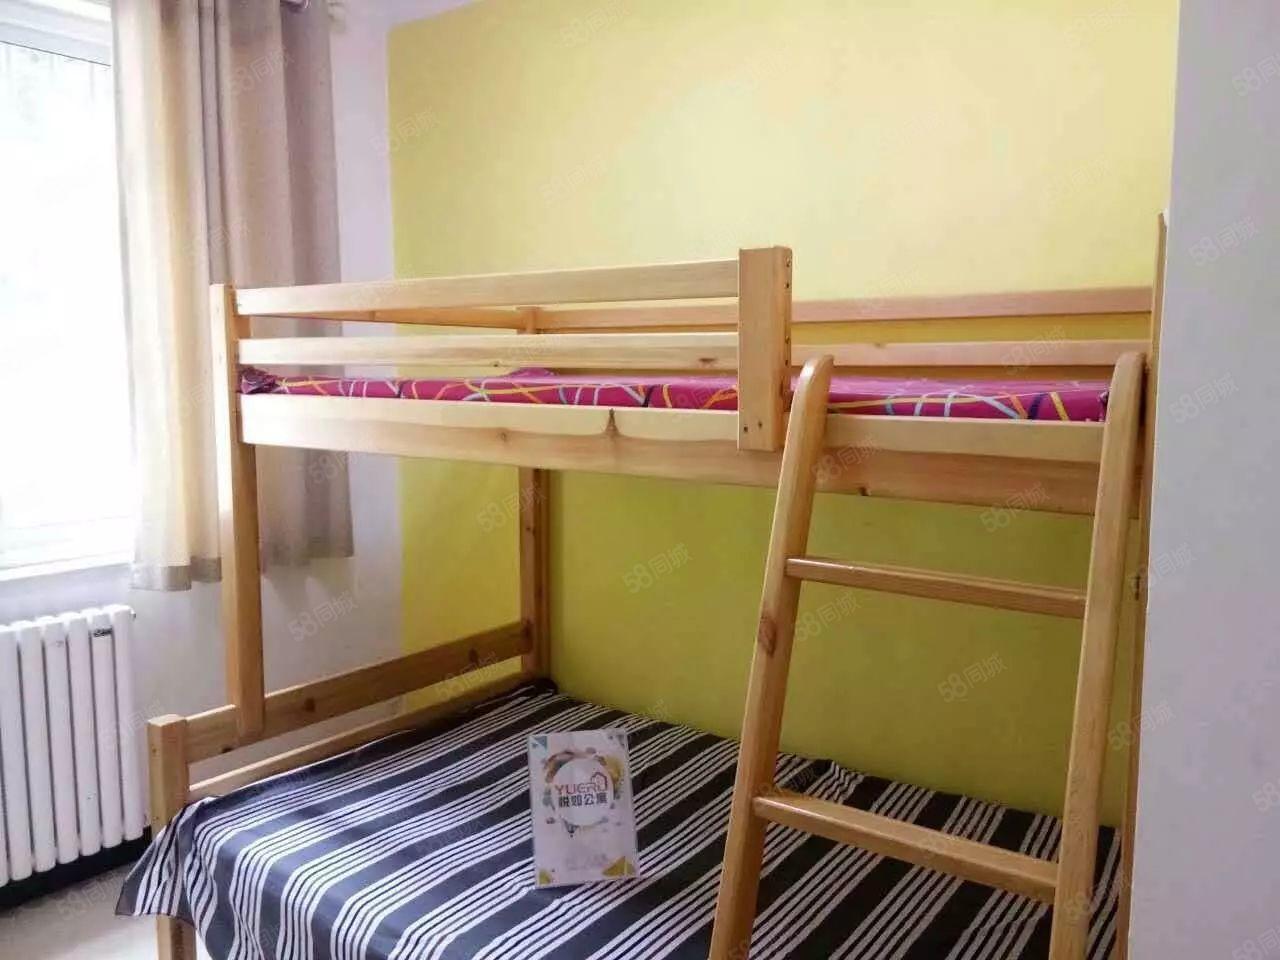 可月付绿地新都会双床一室干净舒适非中阶